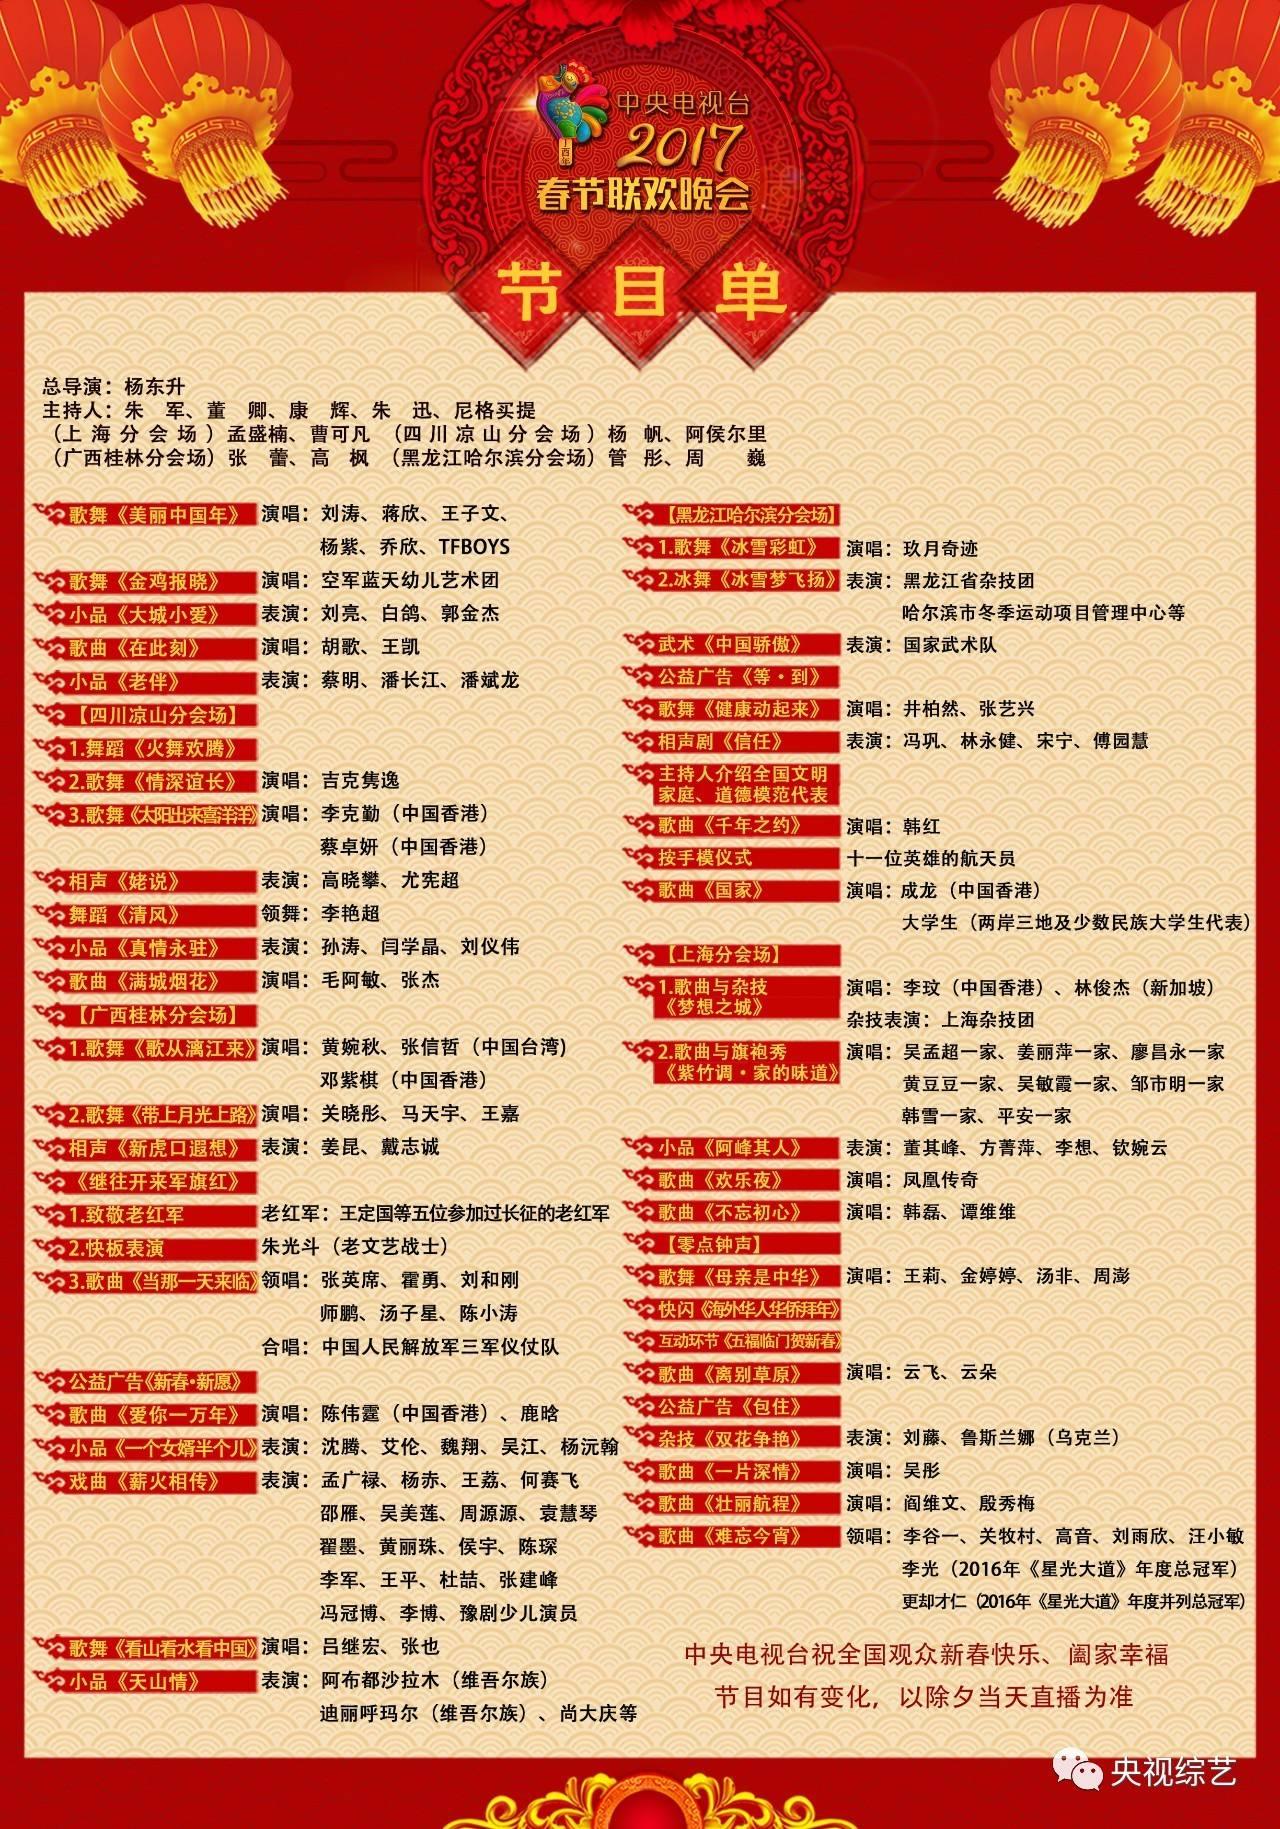 【原创】《七言(字句藏公元2017年央视春节联欢晚会部分节目名)》美丽中国贺新年     一念七宝留兴隆 - 芮清之家 - 芮清仁斋